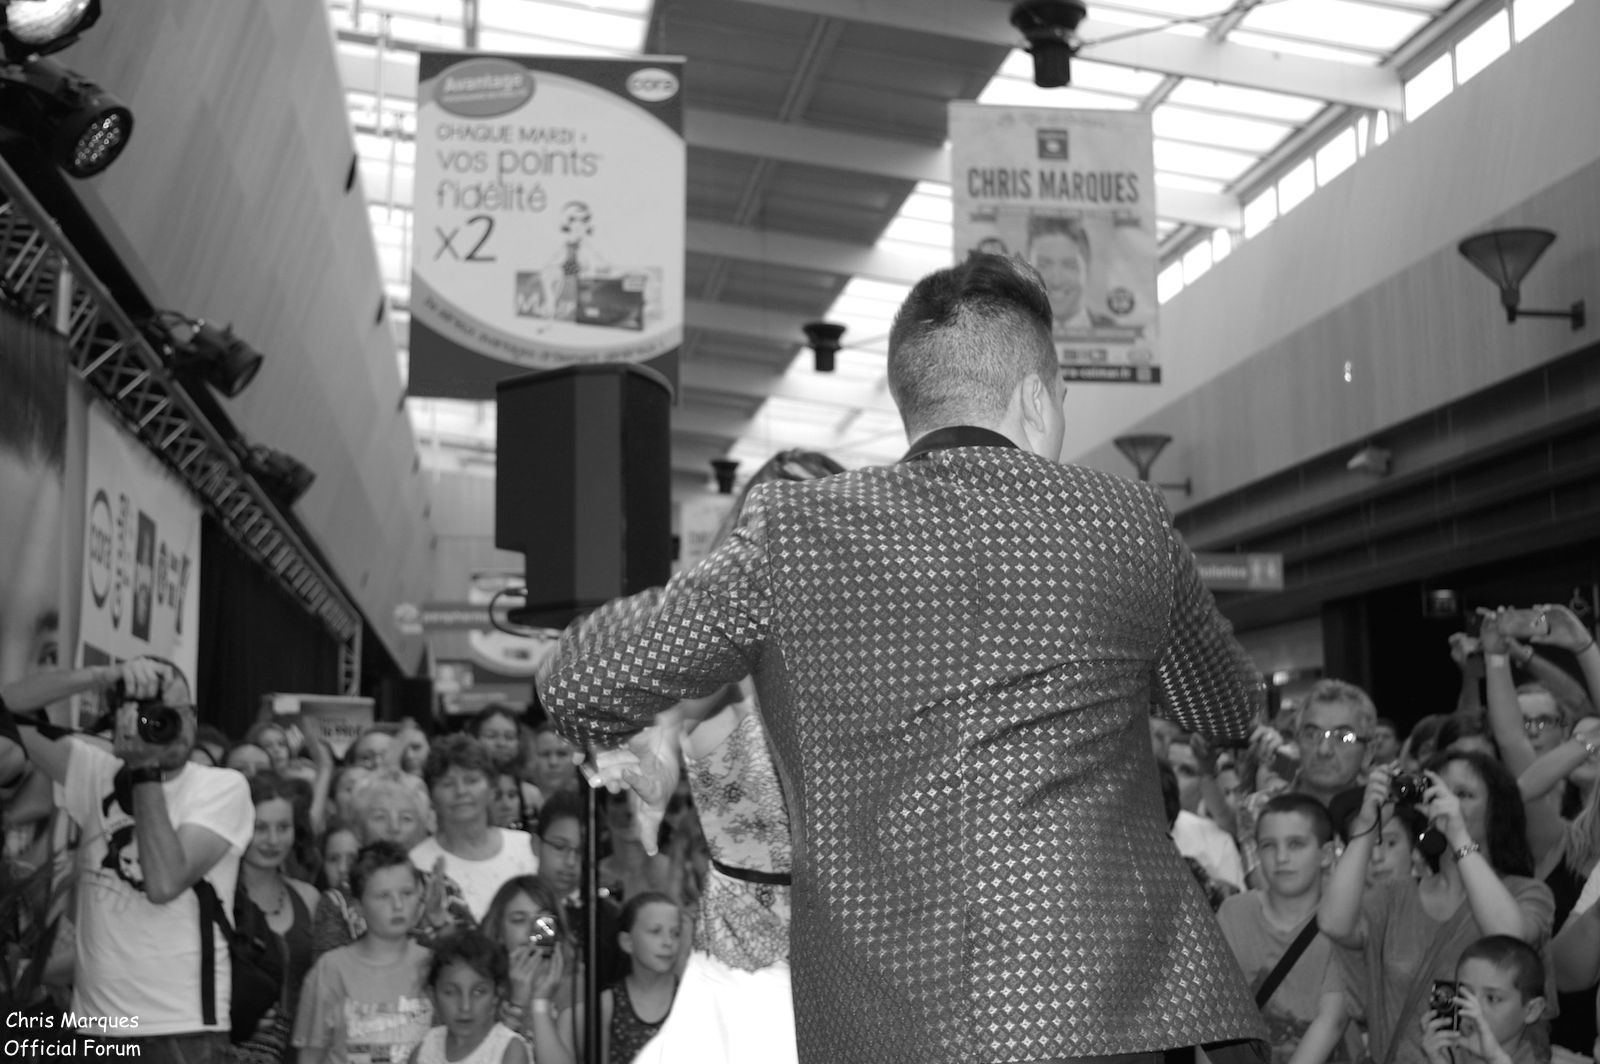 [14.06.2014] Evénement à #Colmar Chris Marques et Jaclyn Spencer pour un Flashmob/Cours de Danse/Dédicaces exceptionnels le tout organisé par la MJC de Colmar 13111